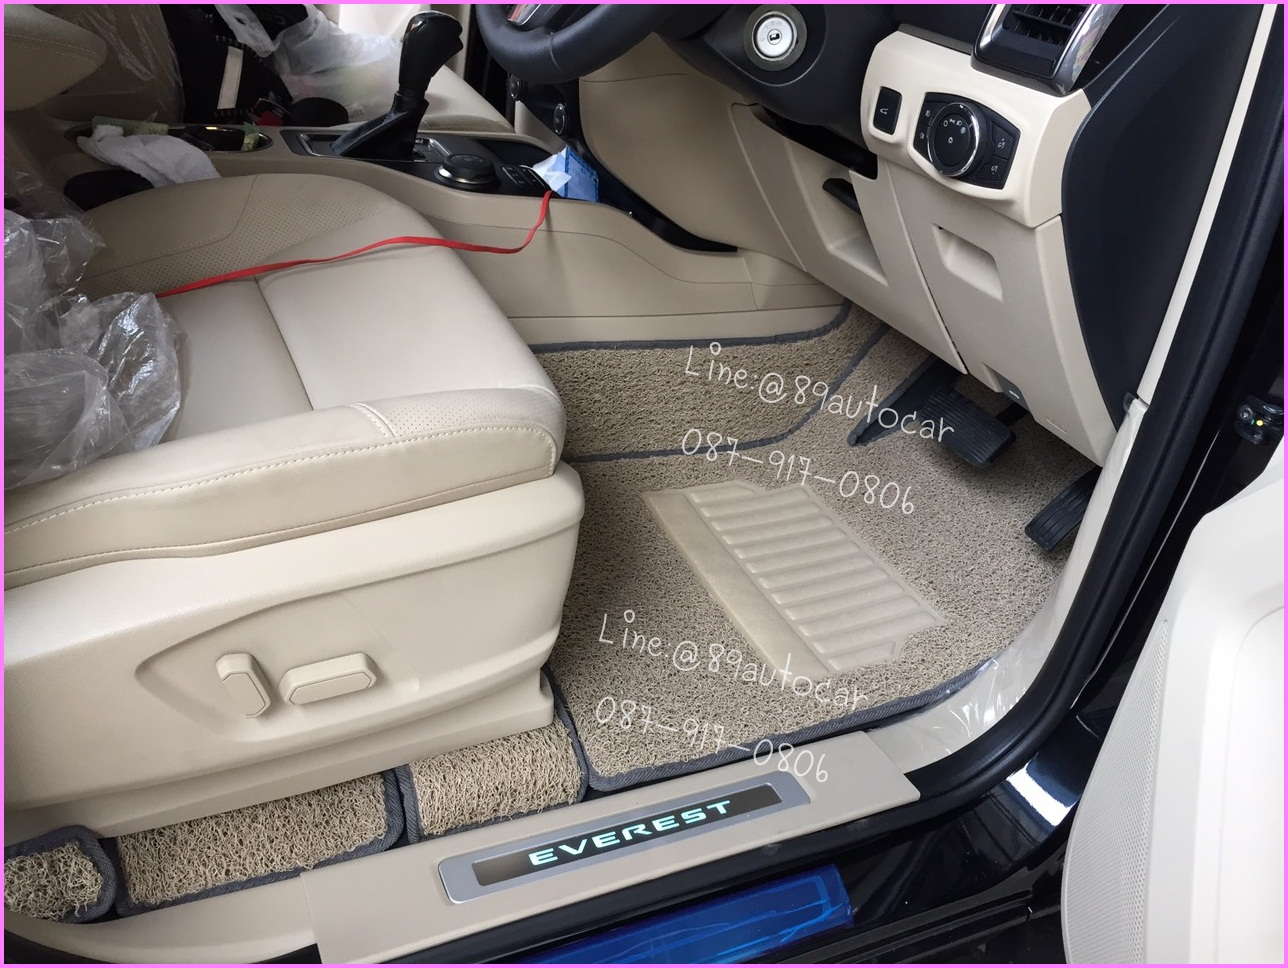 สั่งตัดพรมปูพื้นในรถยนต์เข้ารูปเต็มคัน Ford Everest 2016 ไวนิลสีครีมขอบเทา